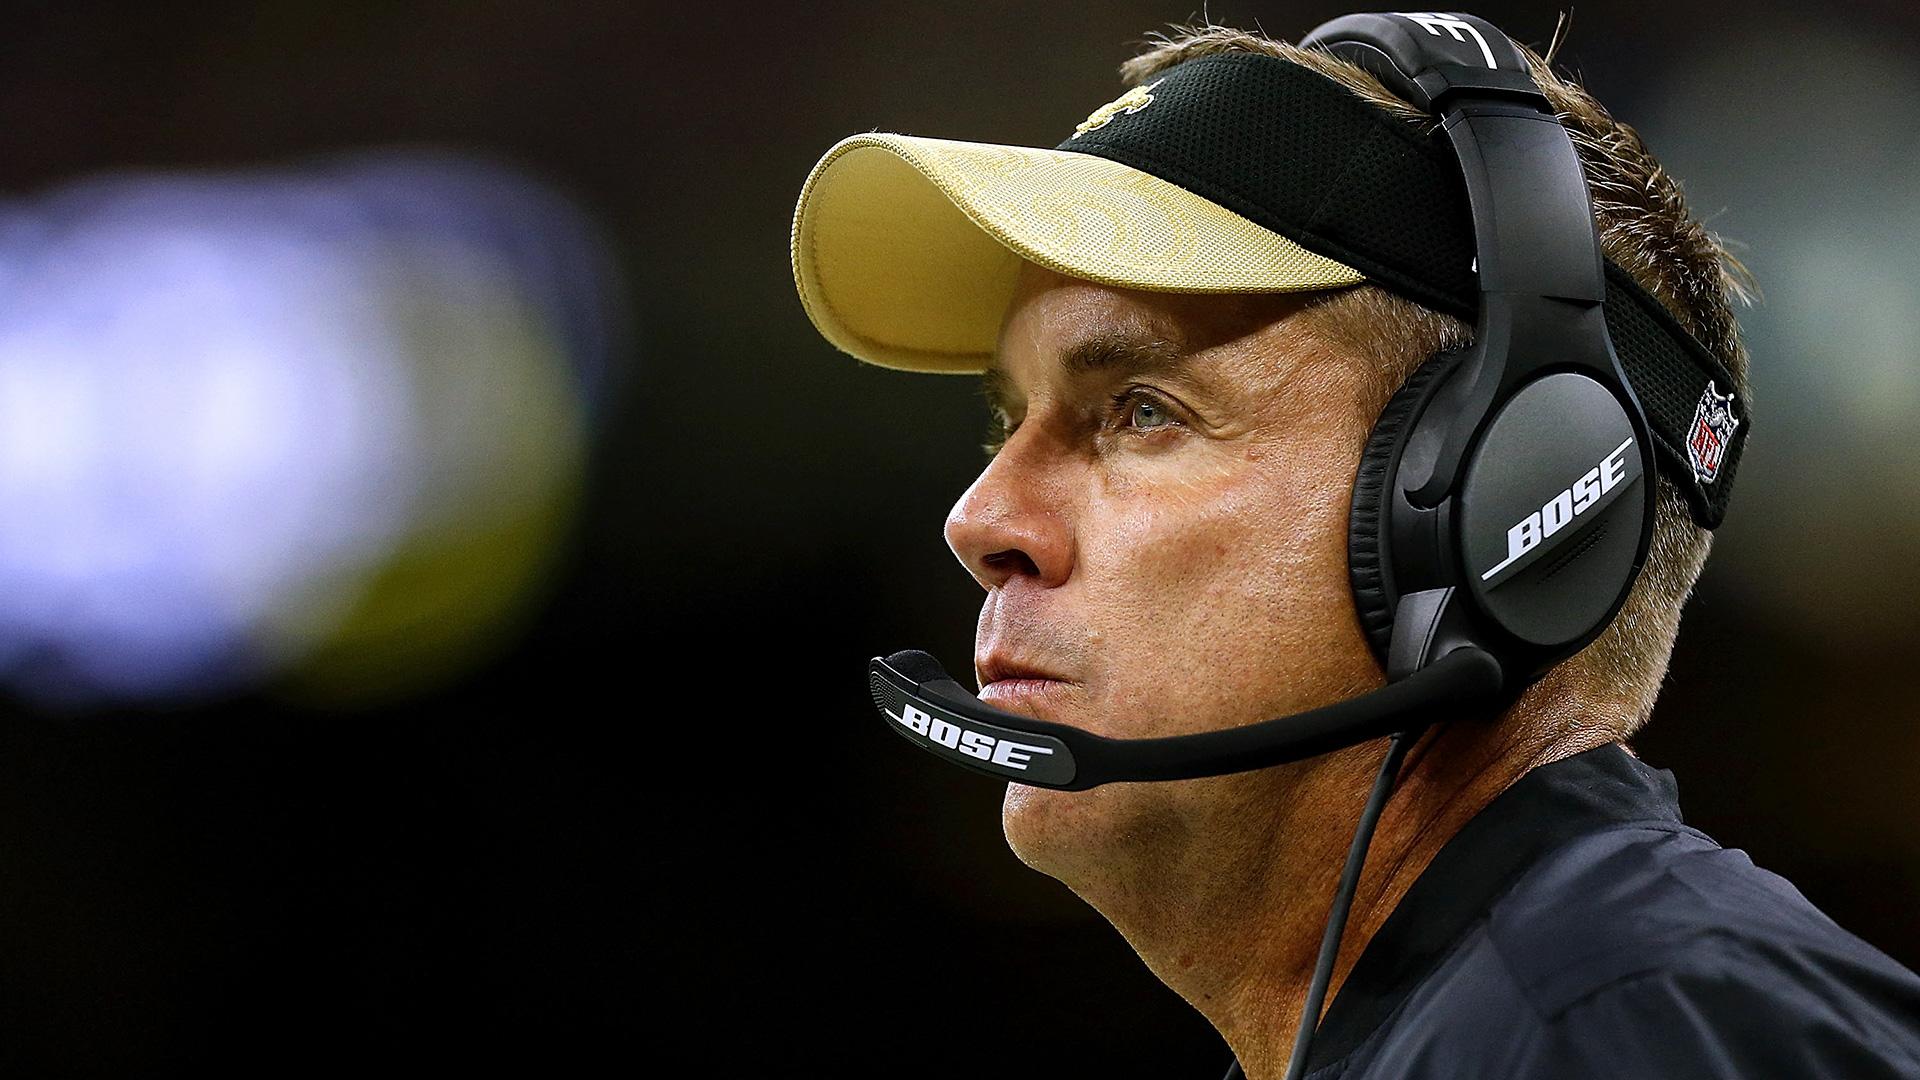 El entrenador de los Saints, Sean Payton, dice que dio positivo por coronavirus 23